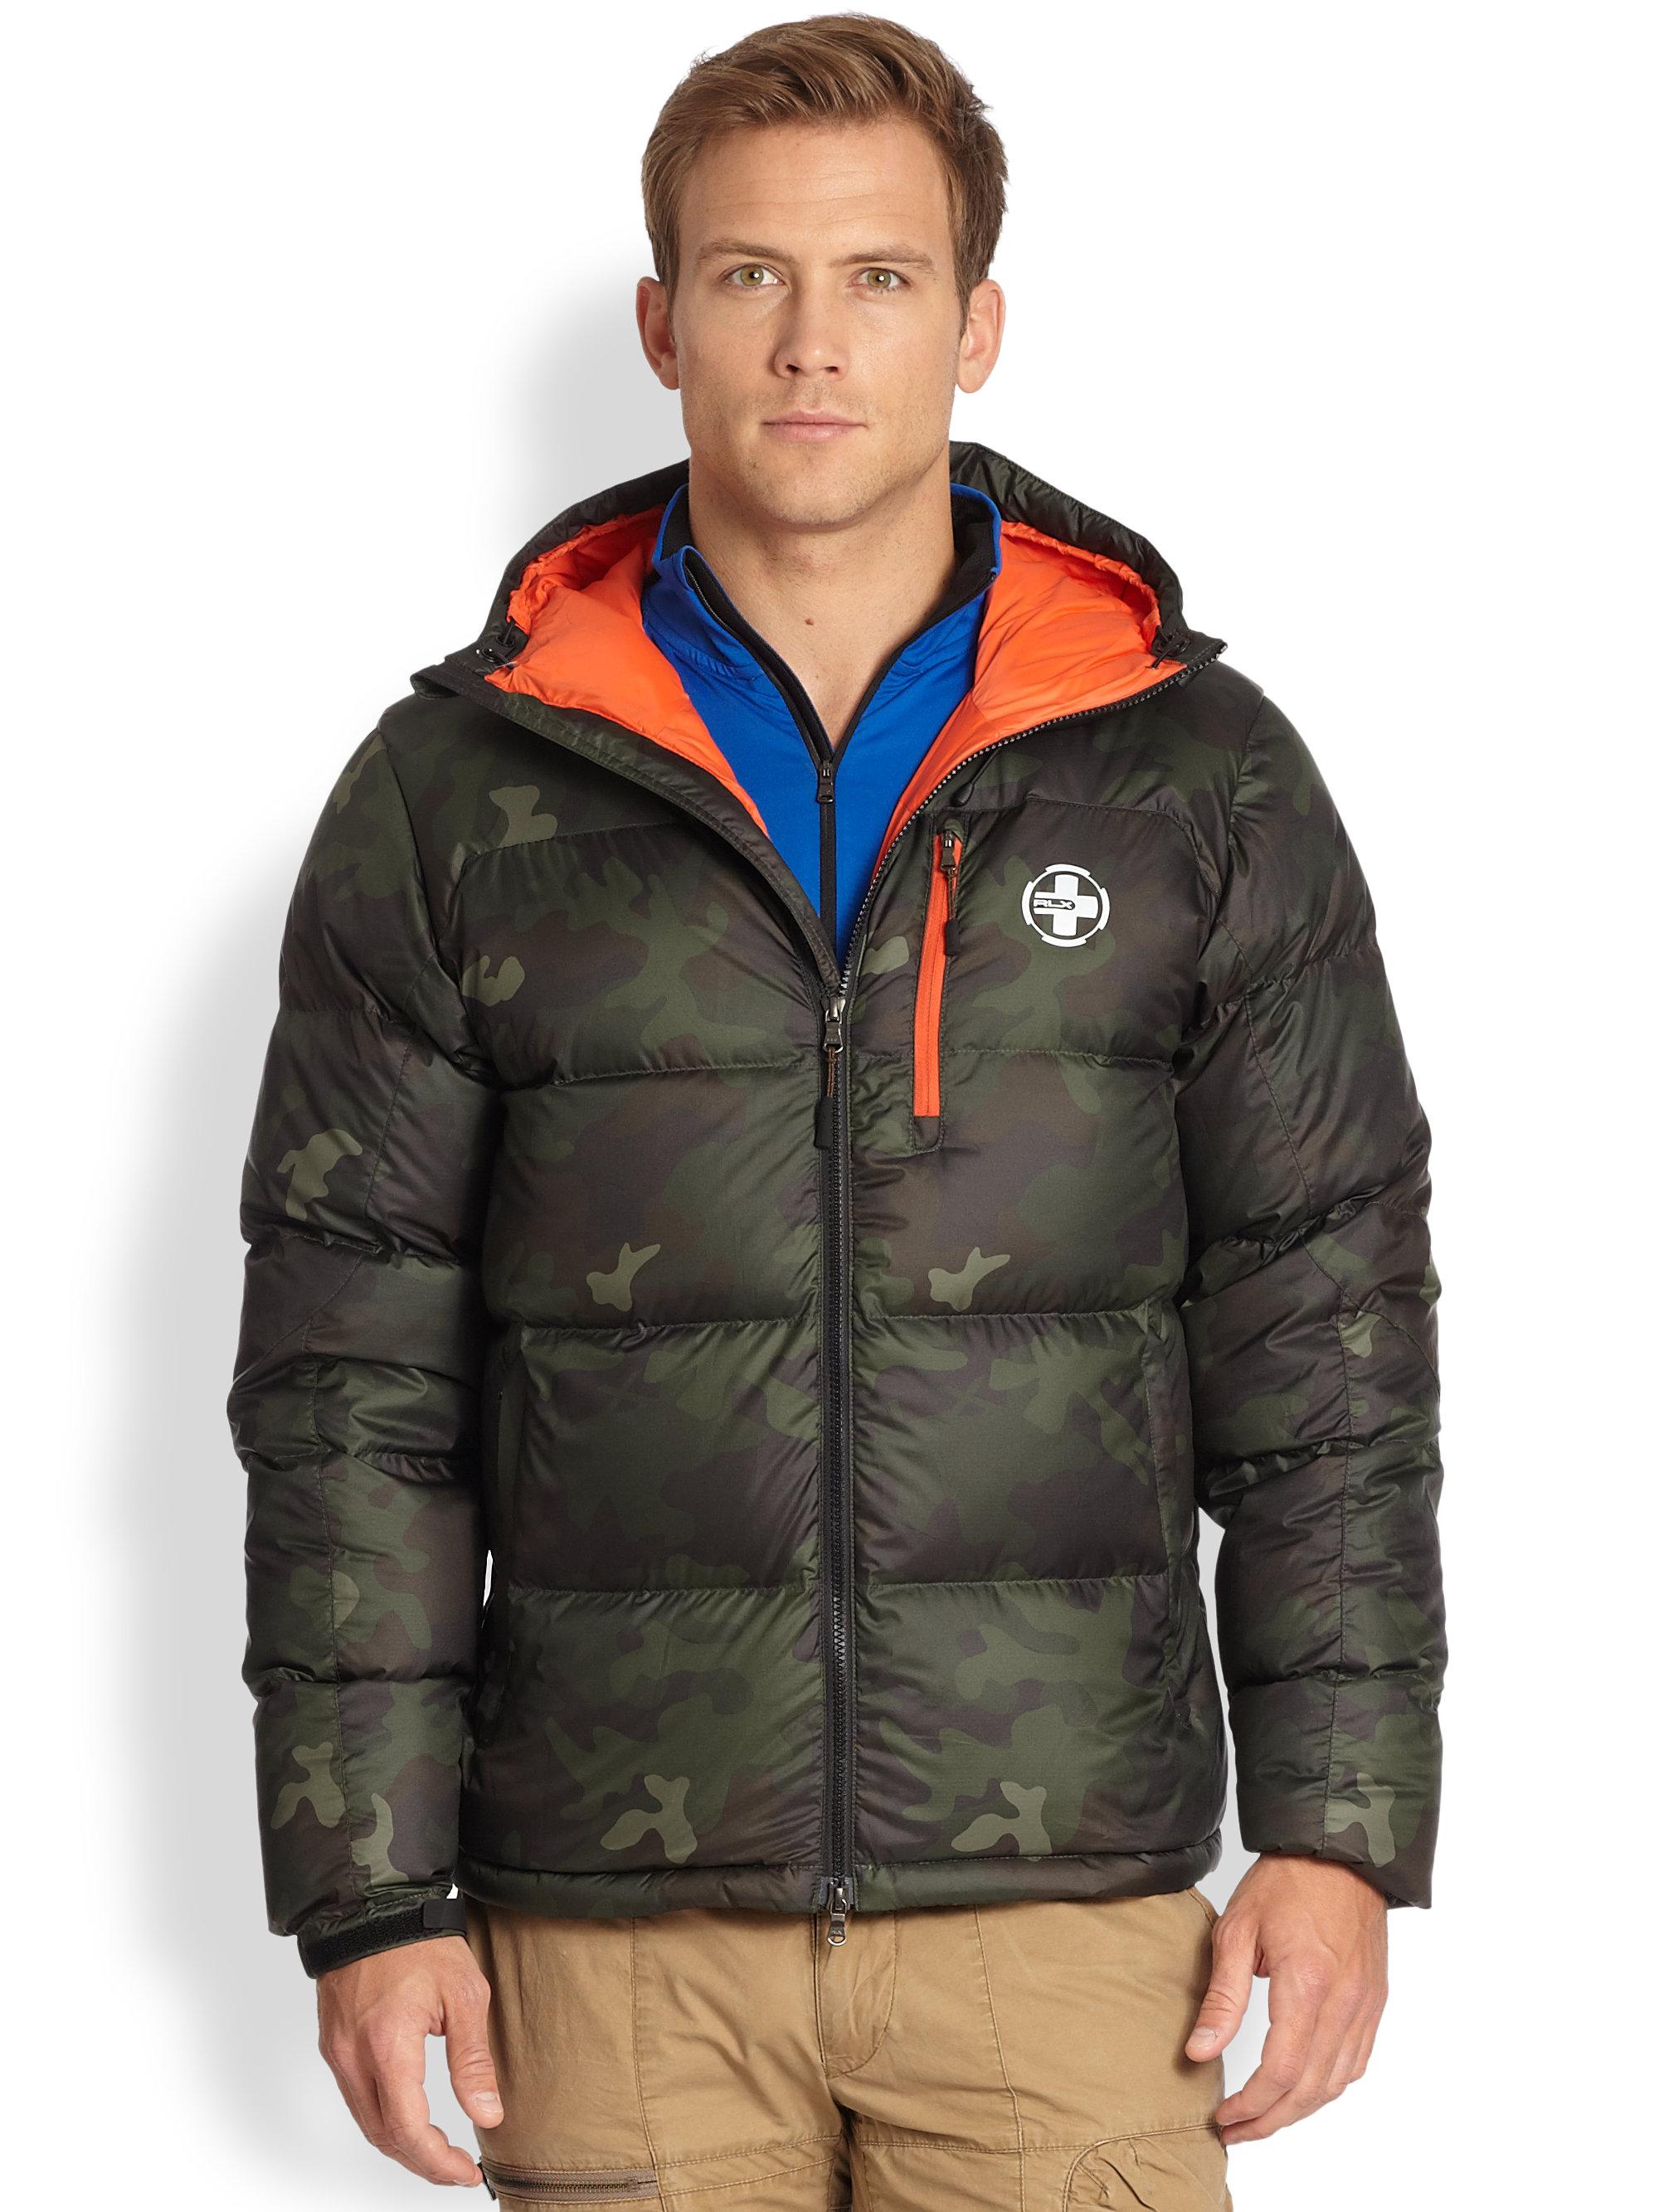 Ralph Lauren Fashion Show At New York: Rlx Ralph Lauren Camouflage Down Jacket In Green